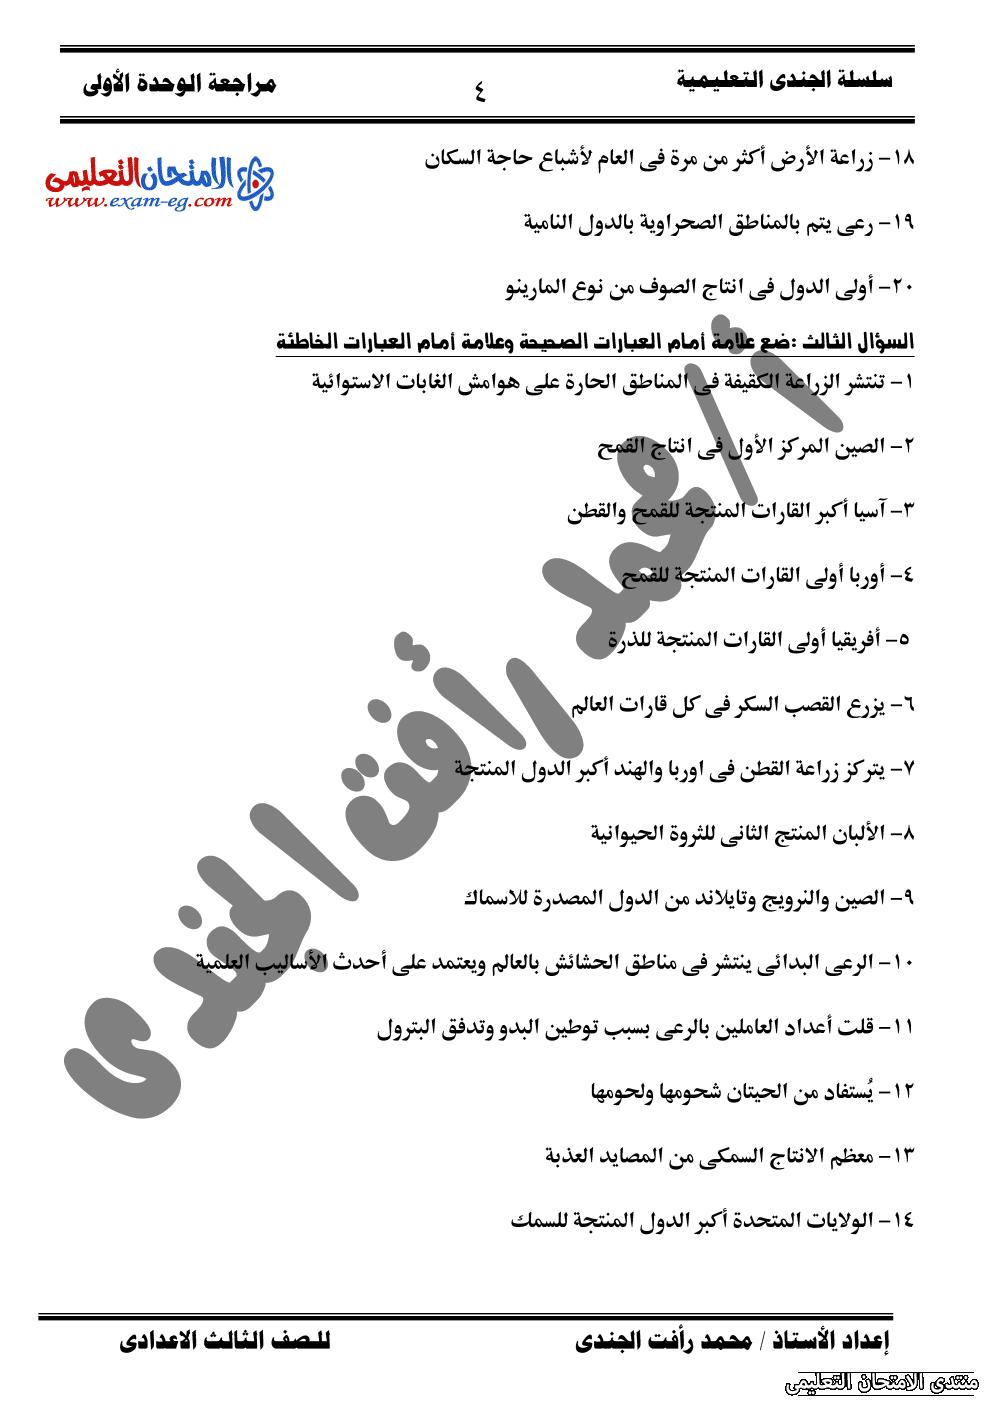 exam-eg.com_162264339534454.png